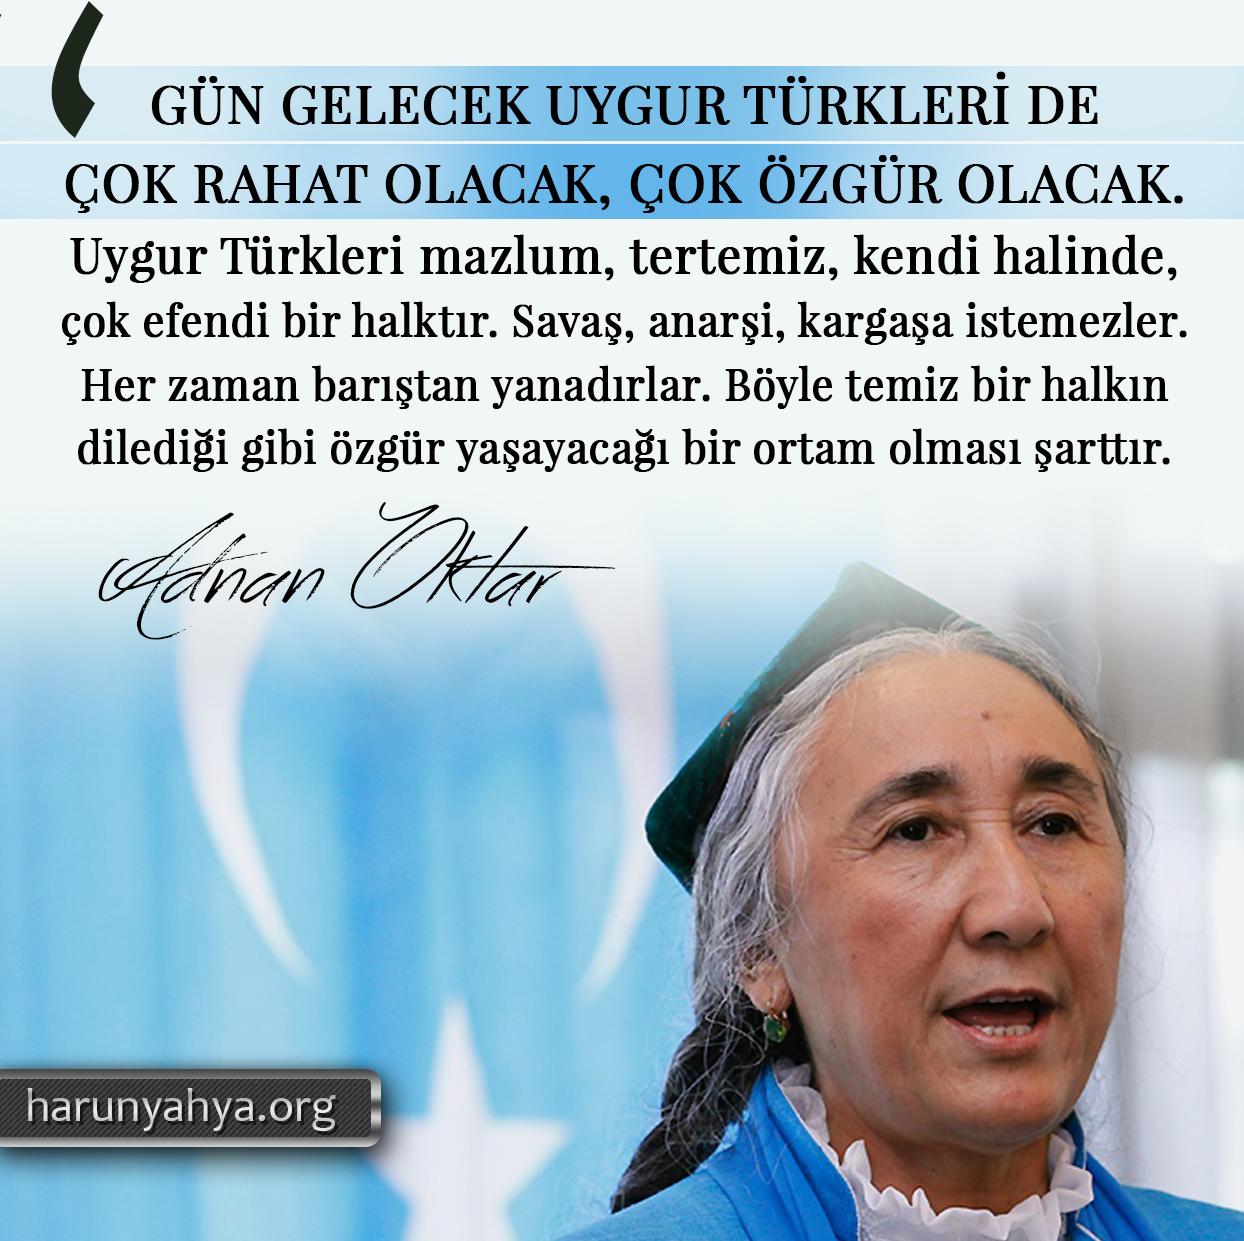 """<table style=""""width: 100%;""""><tr><td style=""""vertical-align: middle;"""">Gün gelecek Uygur Türkleri de çok rahat olacak, çok özgür olacak. Uygur Türkleri mazlum, tertemiz, kendi halinde, çok efendi bir halktır. Savaş, anarşi, kargaşa istemezler. Her zaman barıştan yanadırlar. Böyle temiz bir halkın dilediği gibi özgür yaşayacağı bir ortam olması şarttır.</td><td style=""""max-width: 70px;vertical-align: middle;""""> <a href=""""/downloadquote.php?filename=1526968713885.jpg""""><img class=""""hoversaturate"""" height=""""20px"""" src=""""/assets/images/download-iconu.png"""" style=""""width: 48px; height: 48px;"""" title=""""Resmi İndir""""/></a></td></tr></table>"""